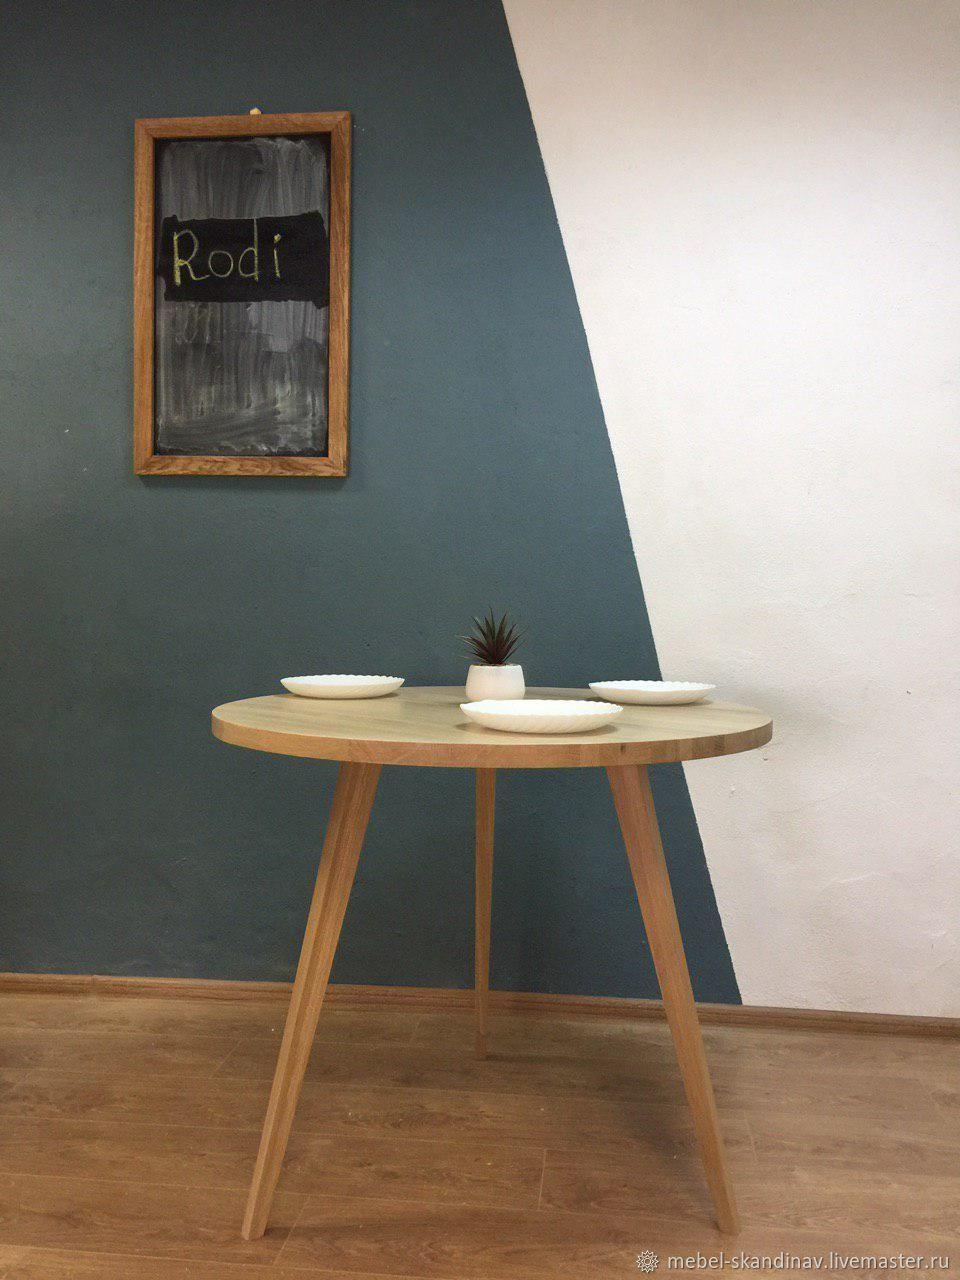 Круглый обеденный стол из массива дуба Rod, Столы, Санкт-Петербург,  Фото №1